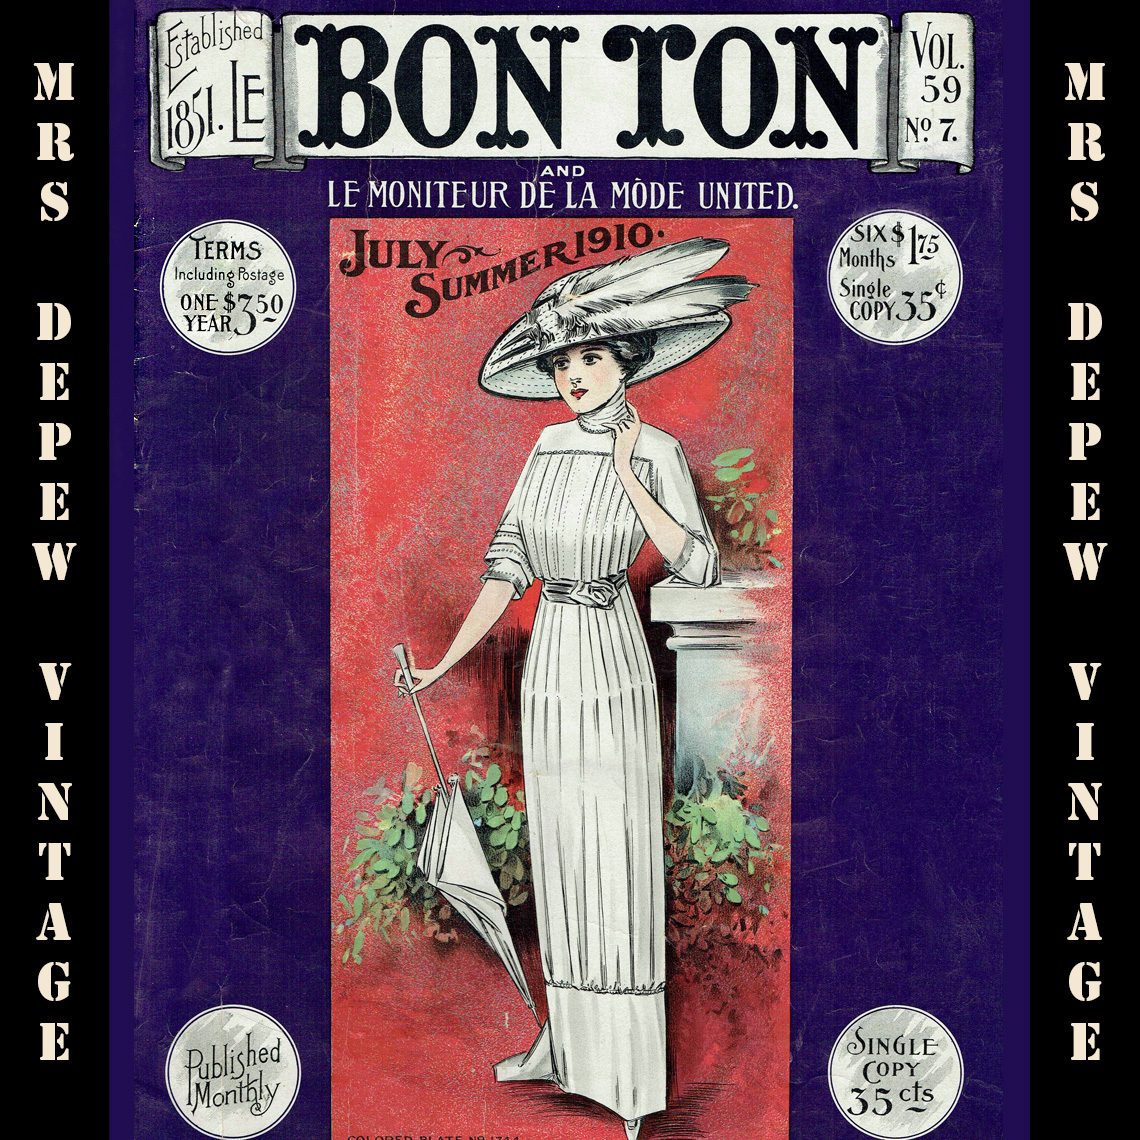 Le Bon Ton July Summer 1910